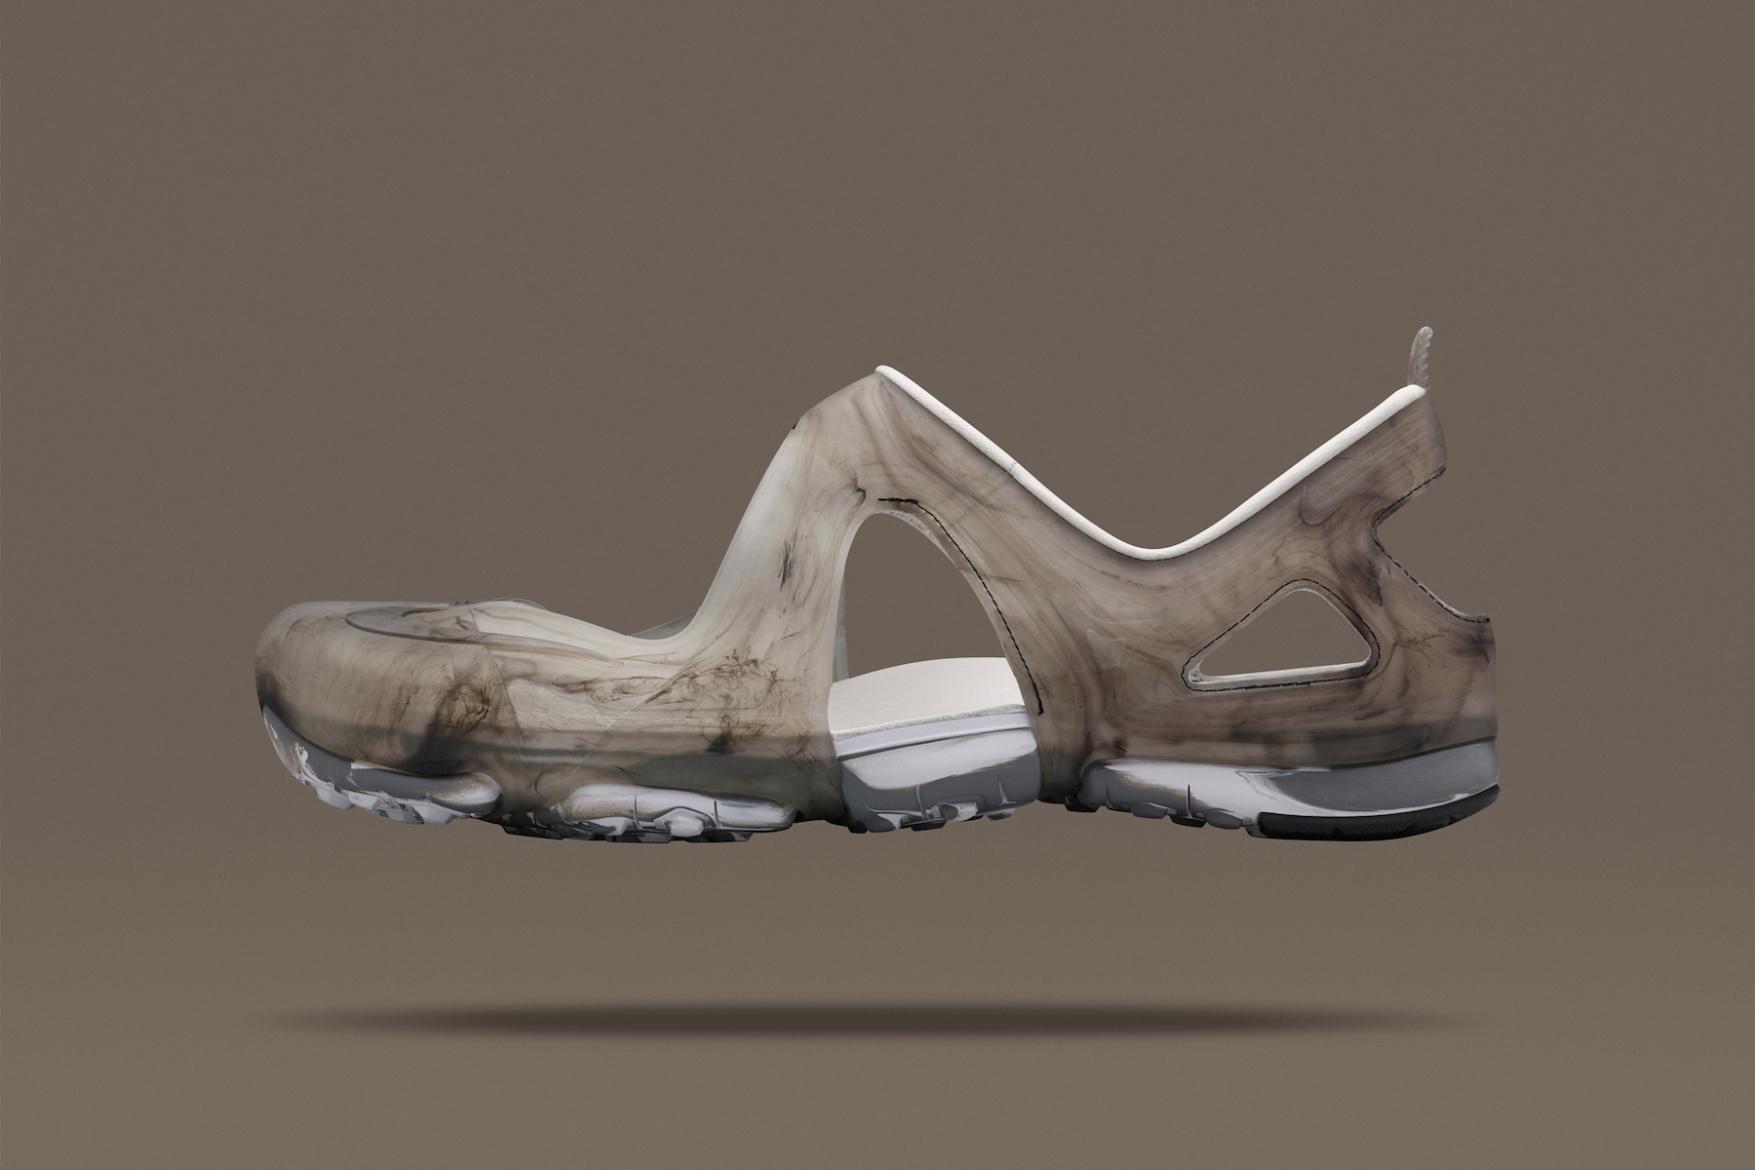 nikelab-free-rift-sandal-2016-1.jpg?quality=95&w=1755